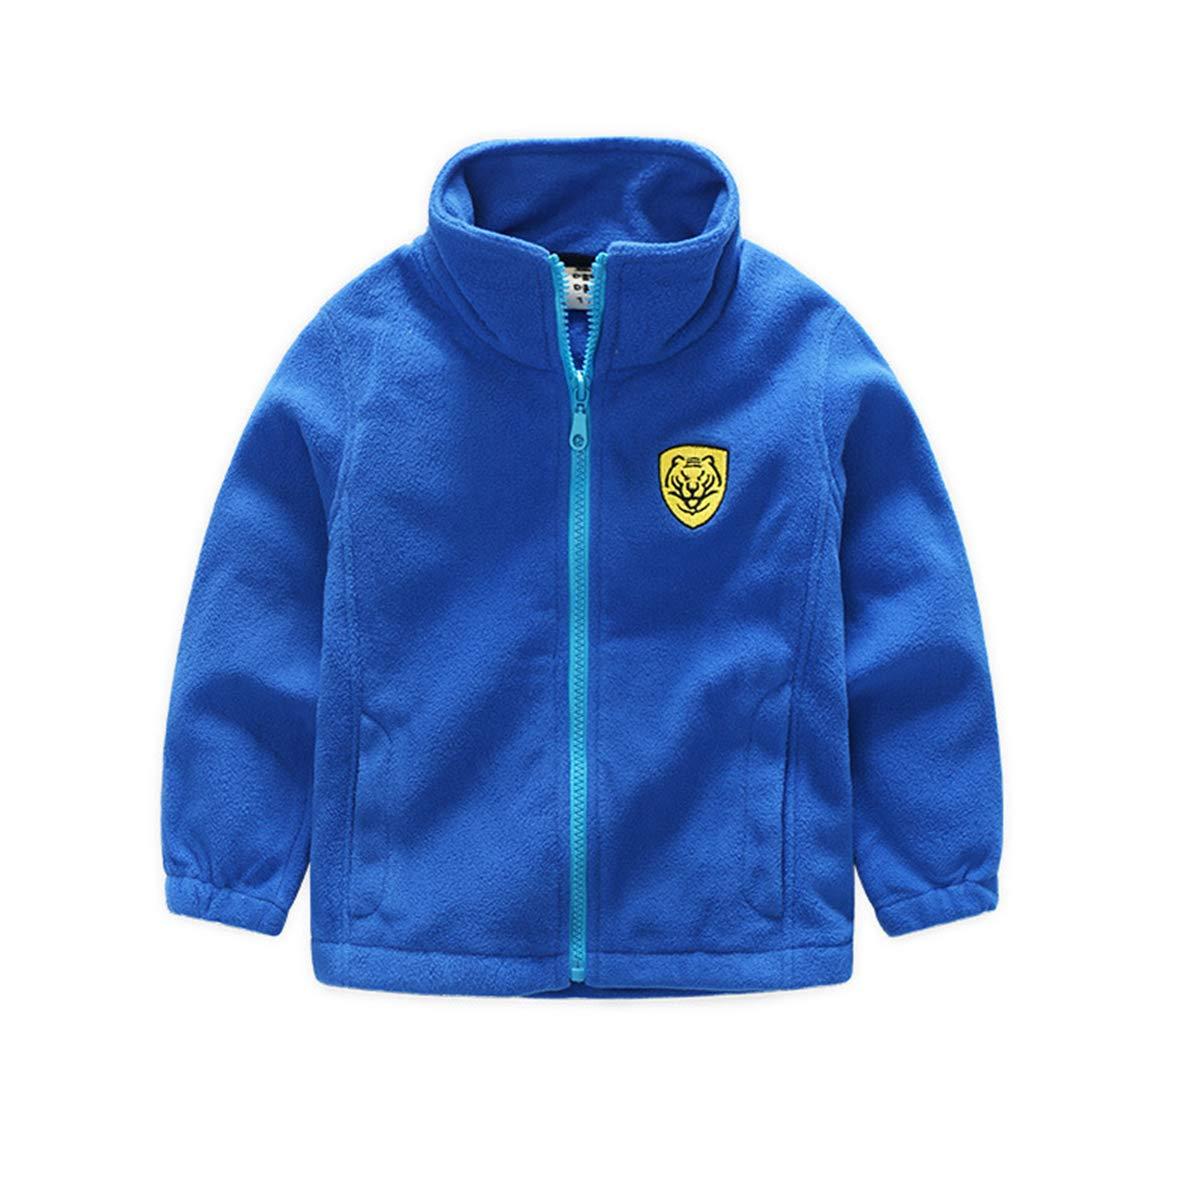 Midudu Kids Fleece Coat Jacket Long Sleeve Winter Outwear for 3-9 Years